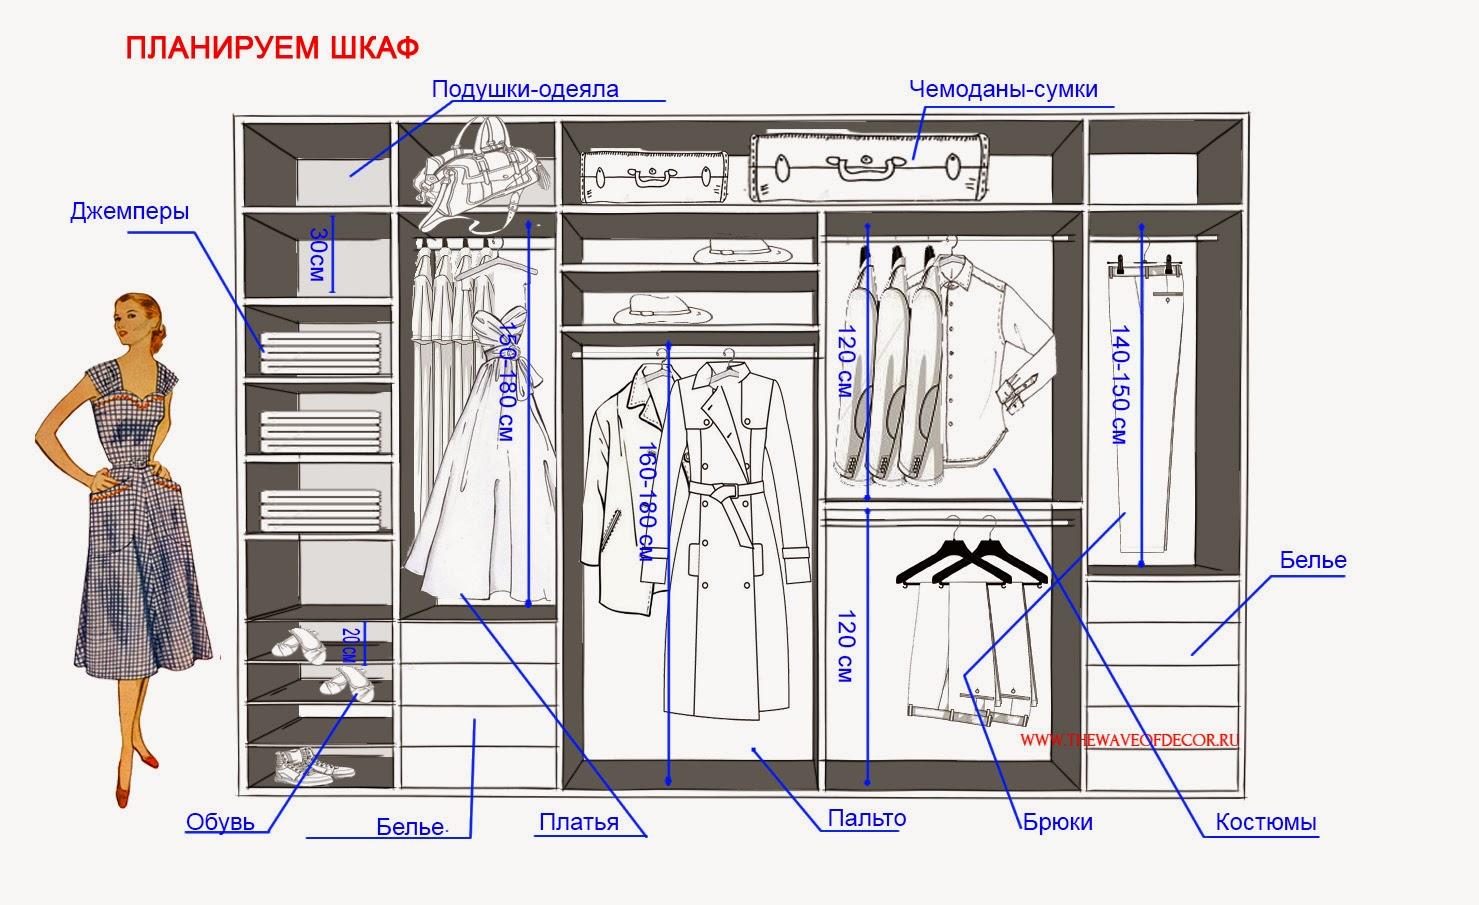 Эскиз планируемого шкафа